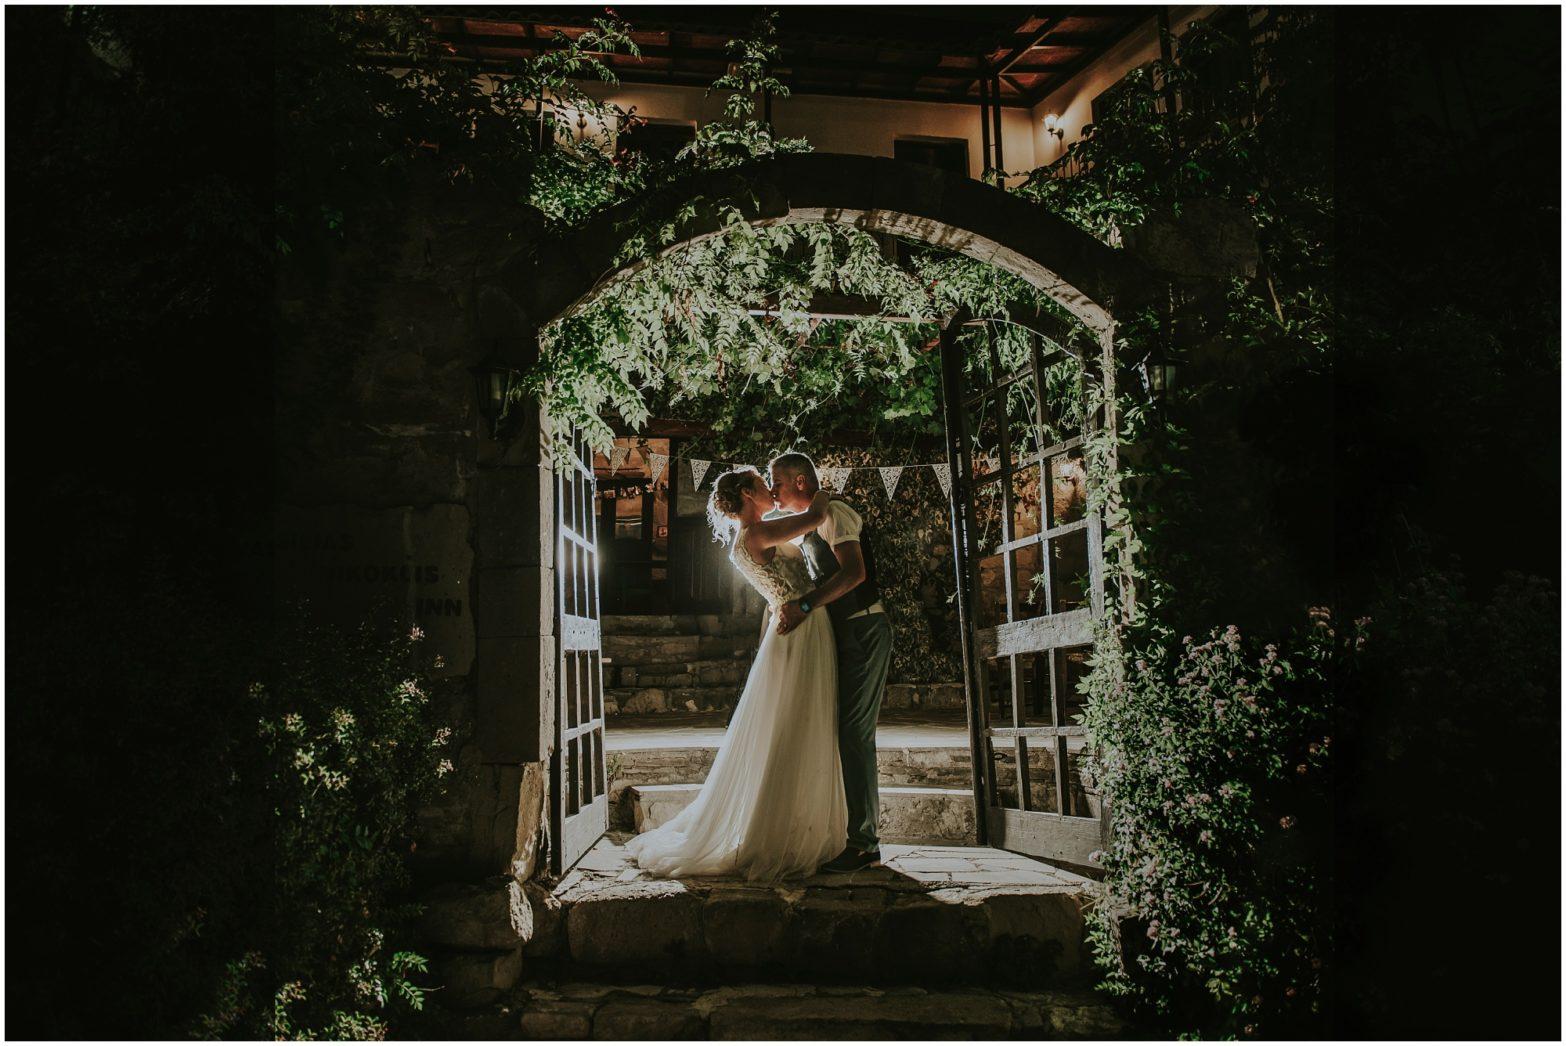 Vasilias nikoklis inn wedding